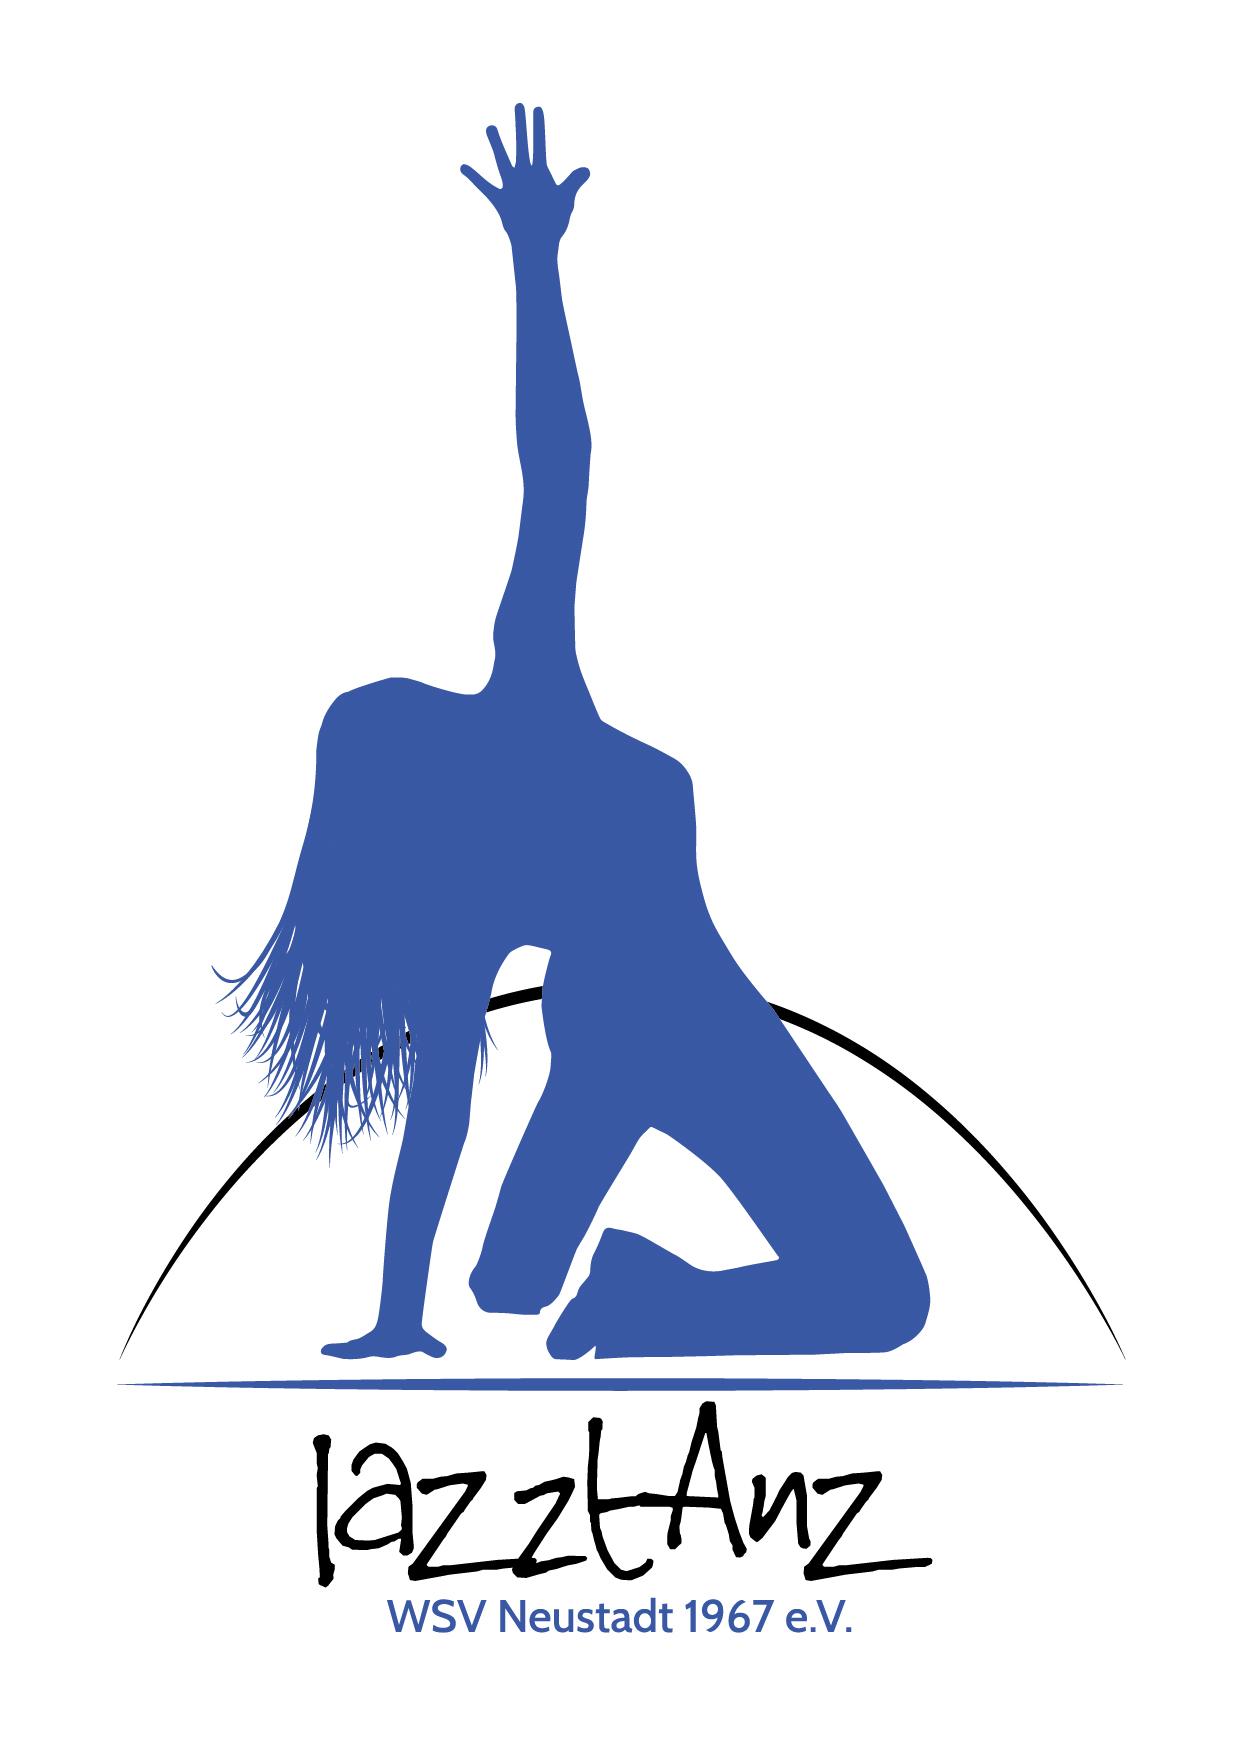 Jazztanz Logo